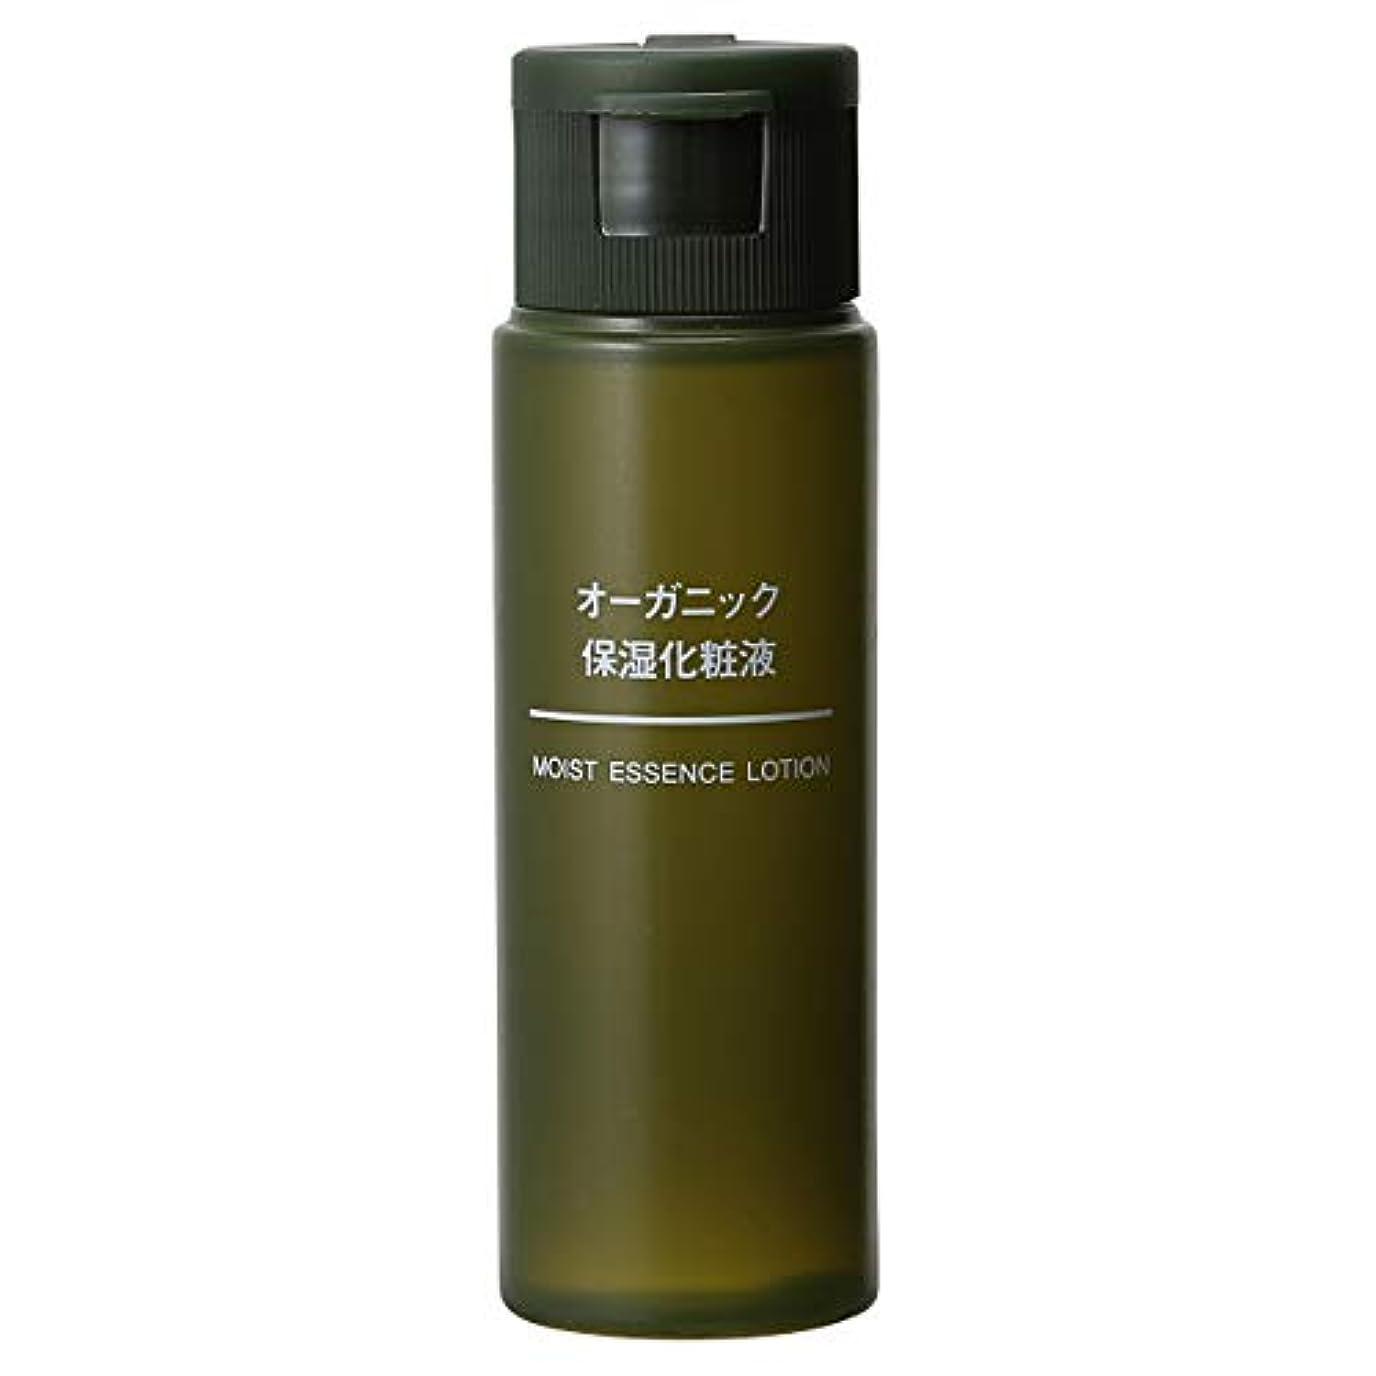 気づかないドレスラフ睡眠無印良品 オーガニック保湿化粧液(携帯用) 50ml